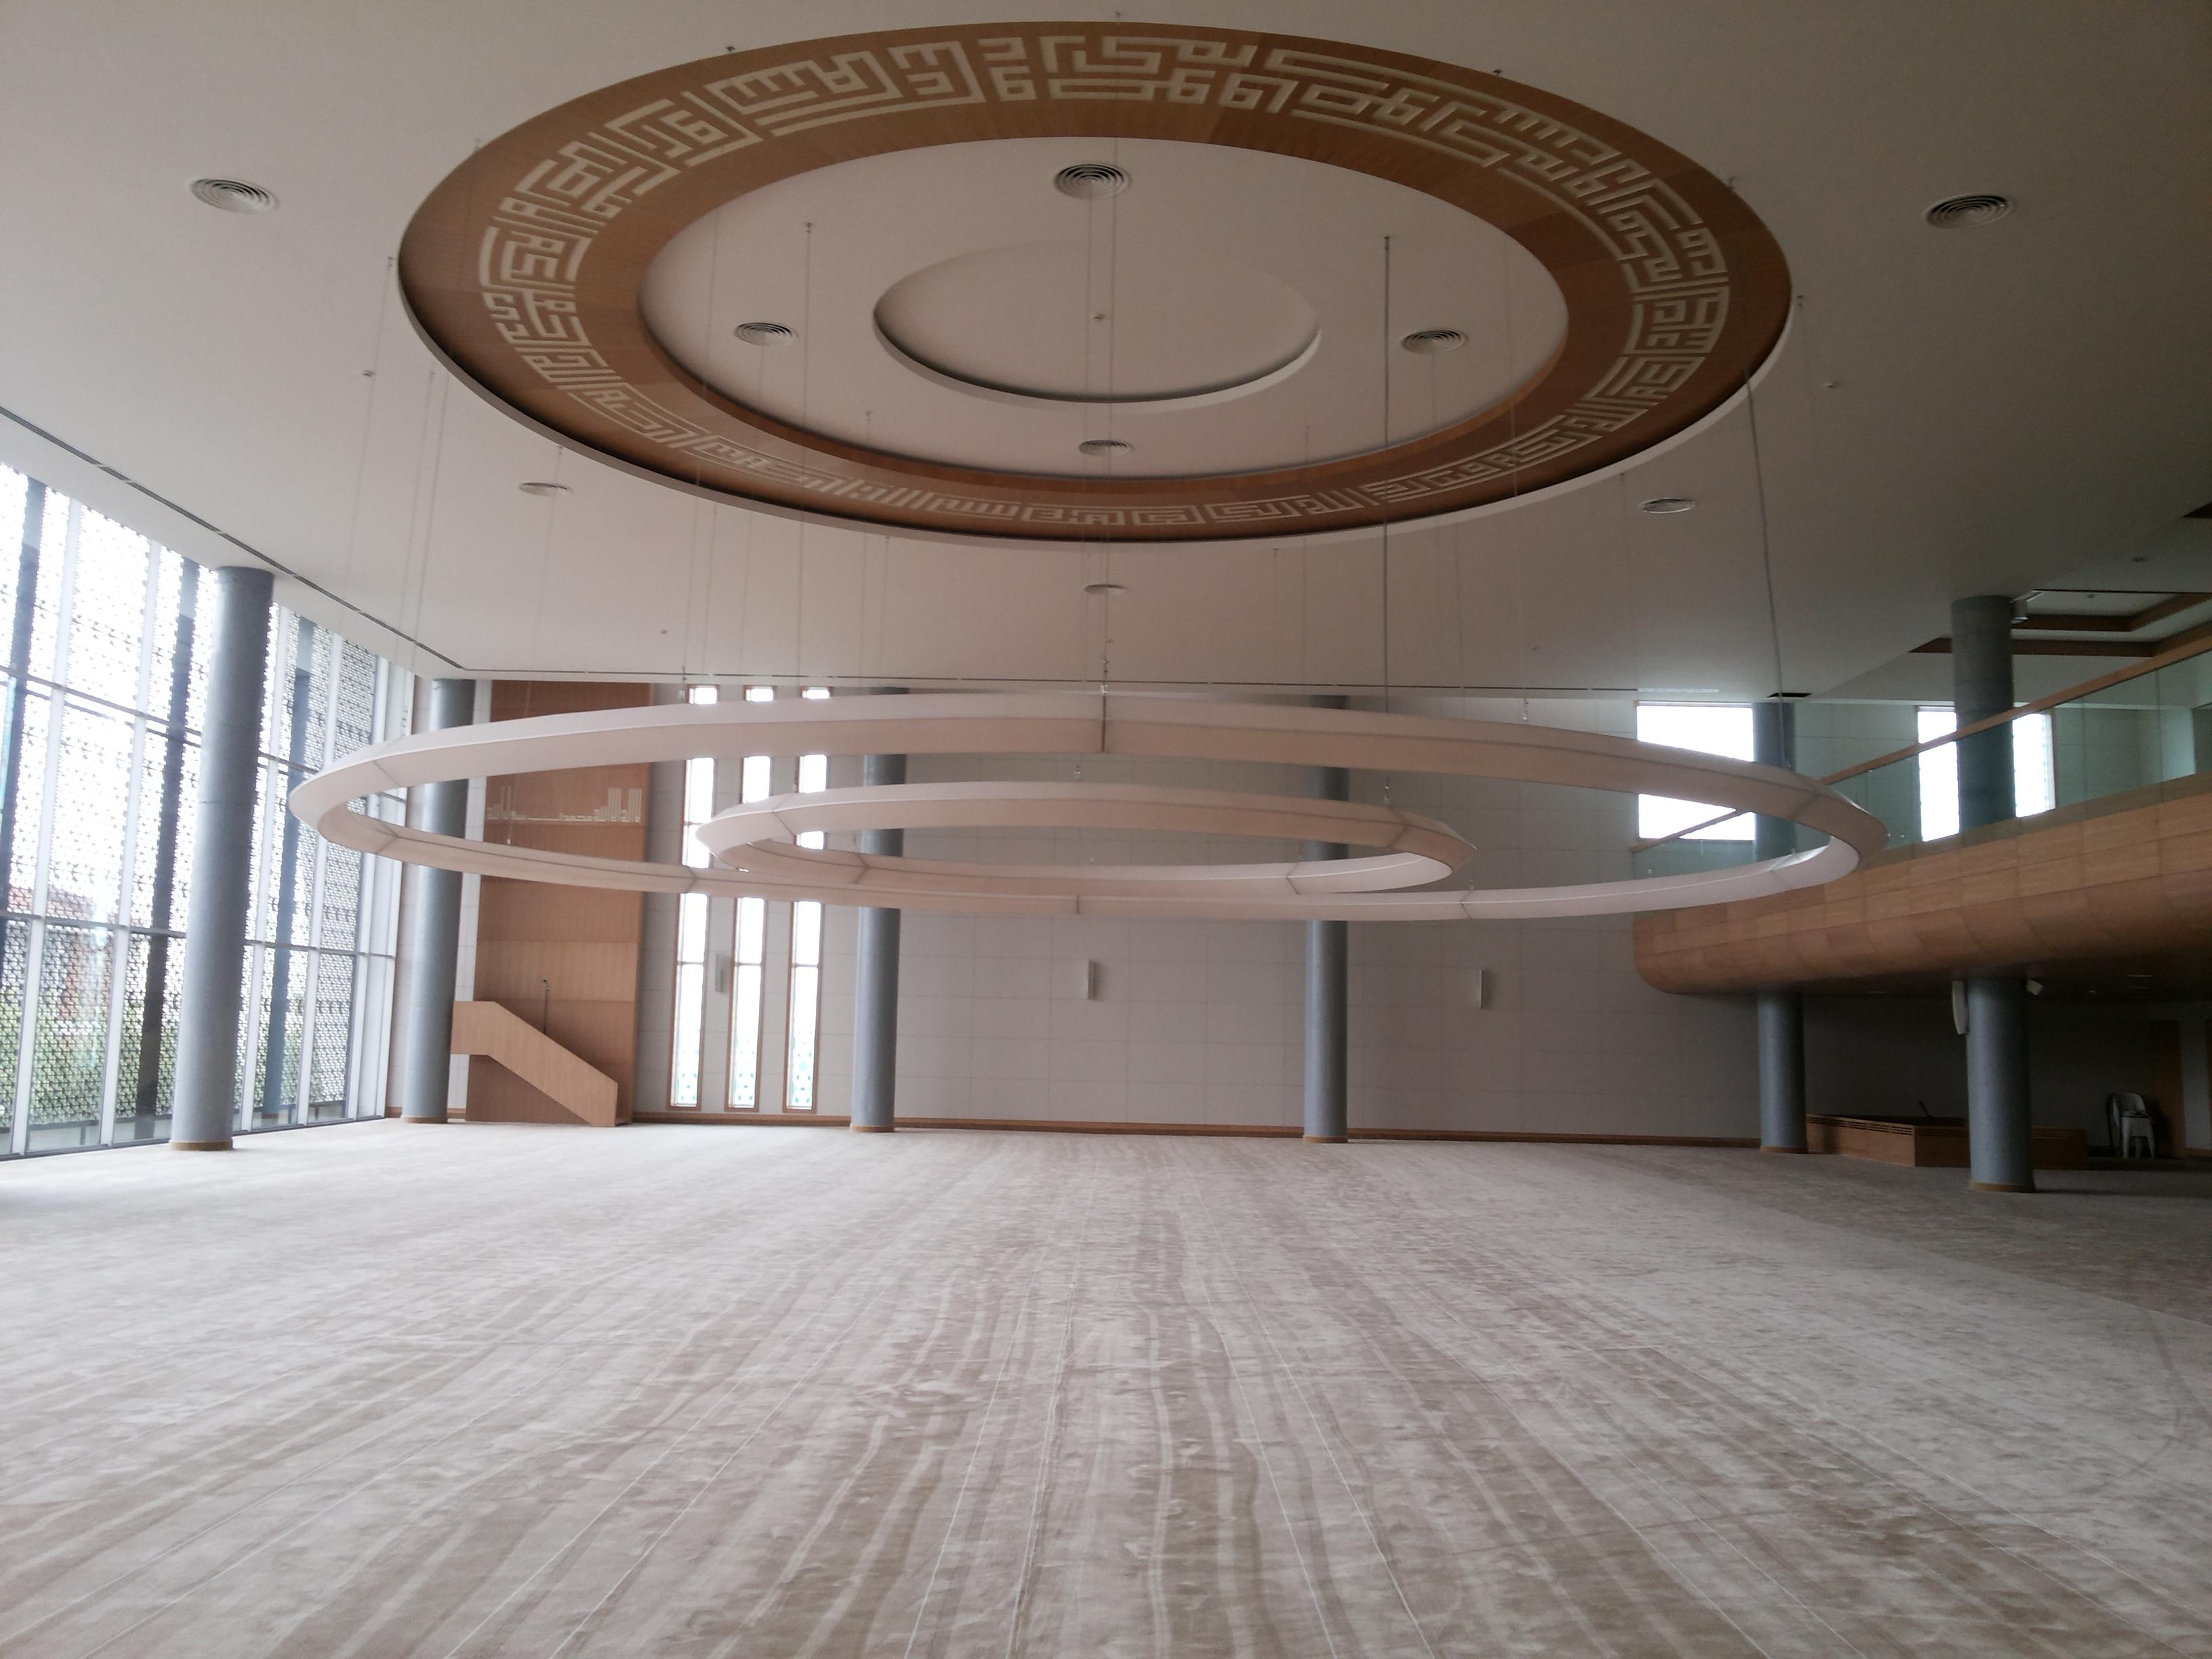 Fatih Üniversitesi Hasırcılar Camii